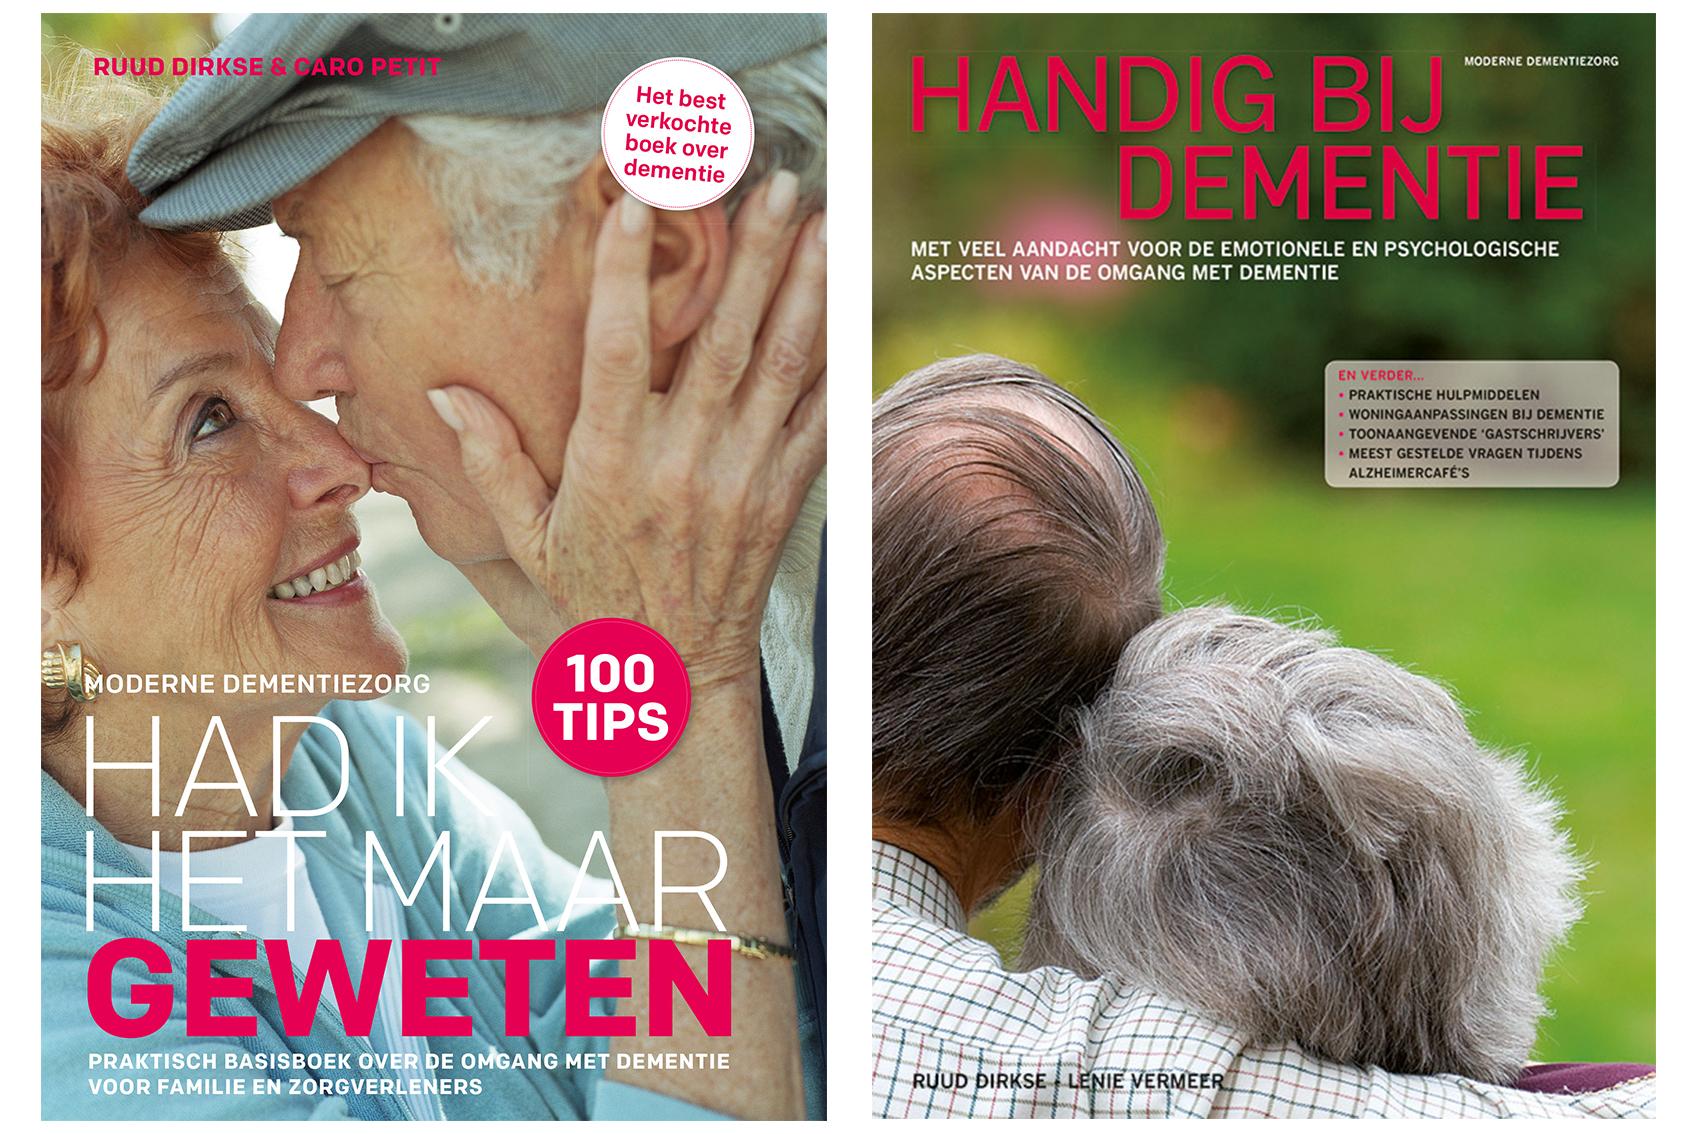 Testpanel: 'Een heel praktisch boek over dementie'